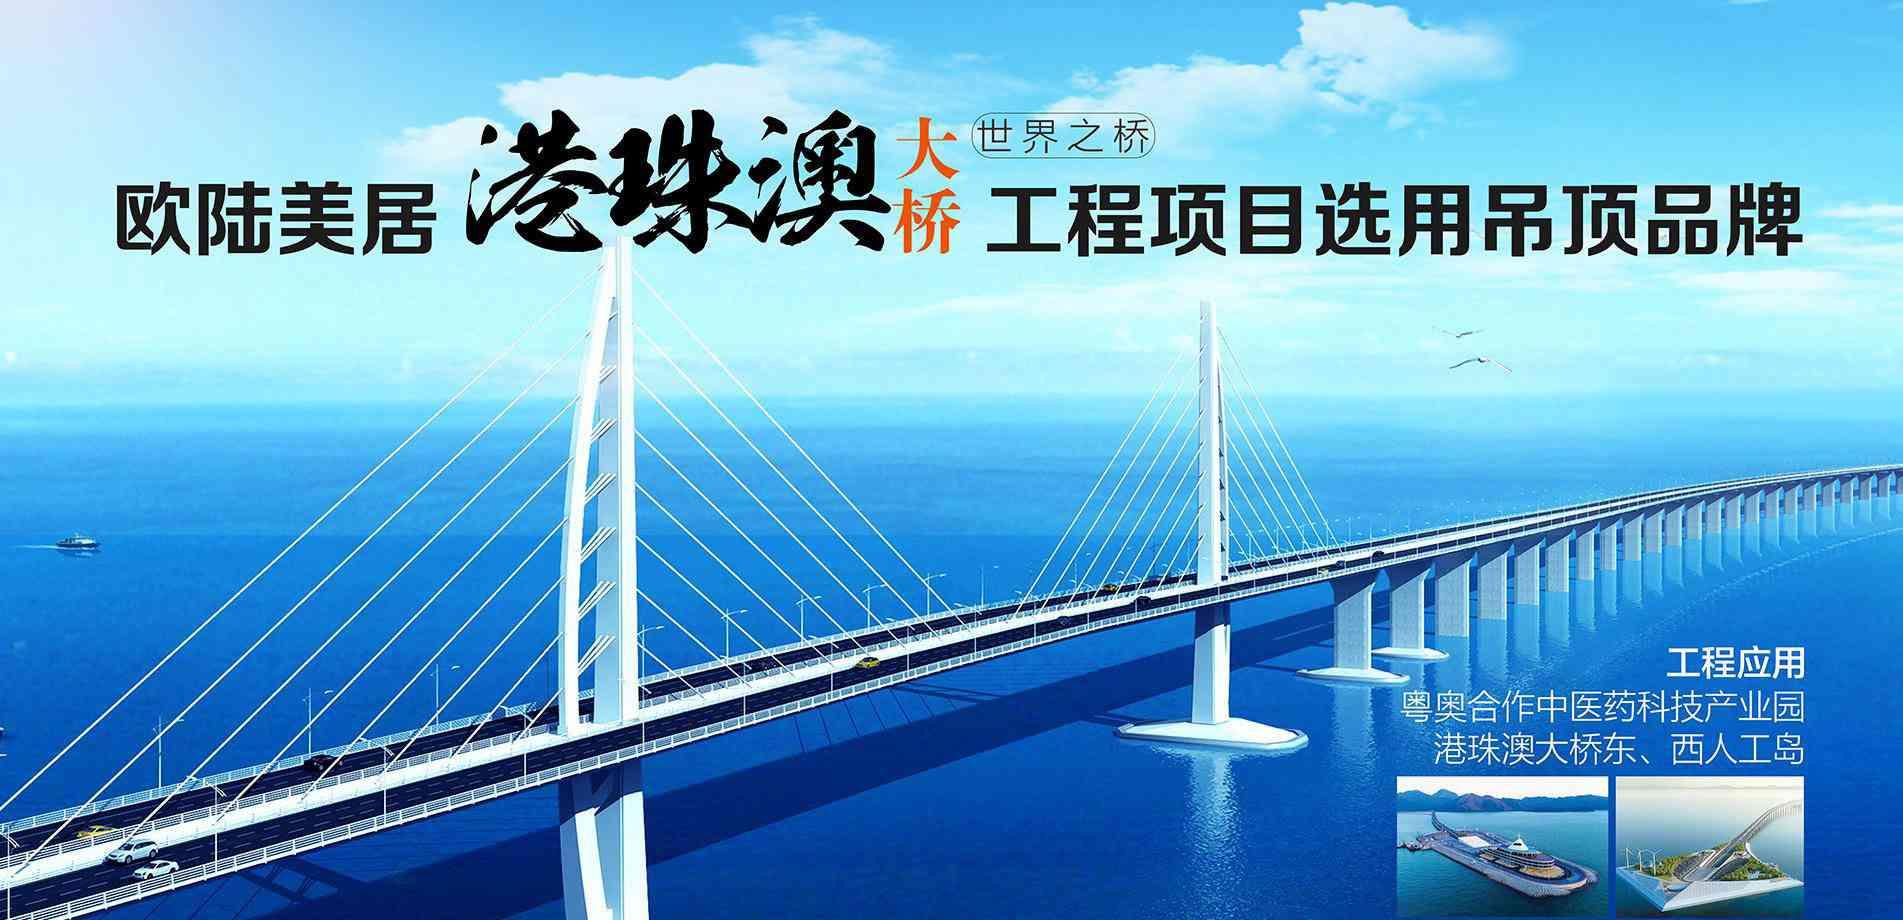 港珠奥大桥